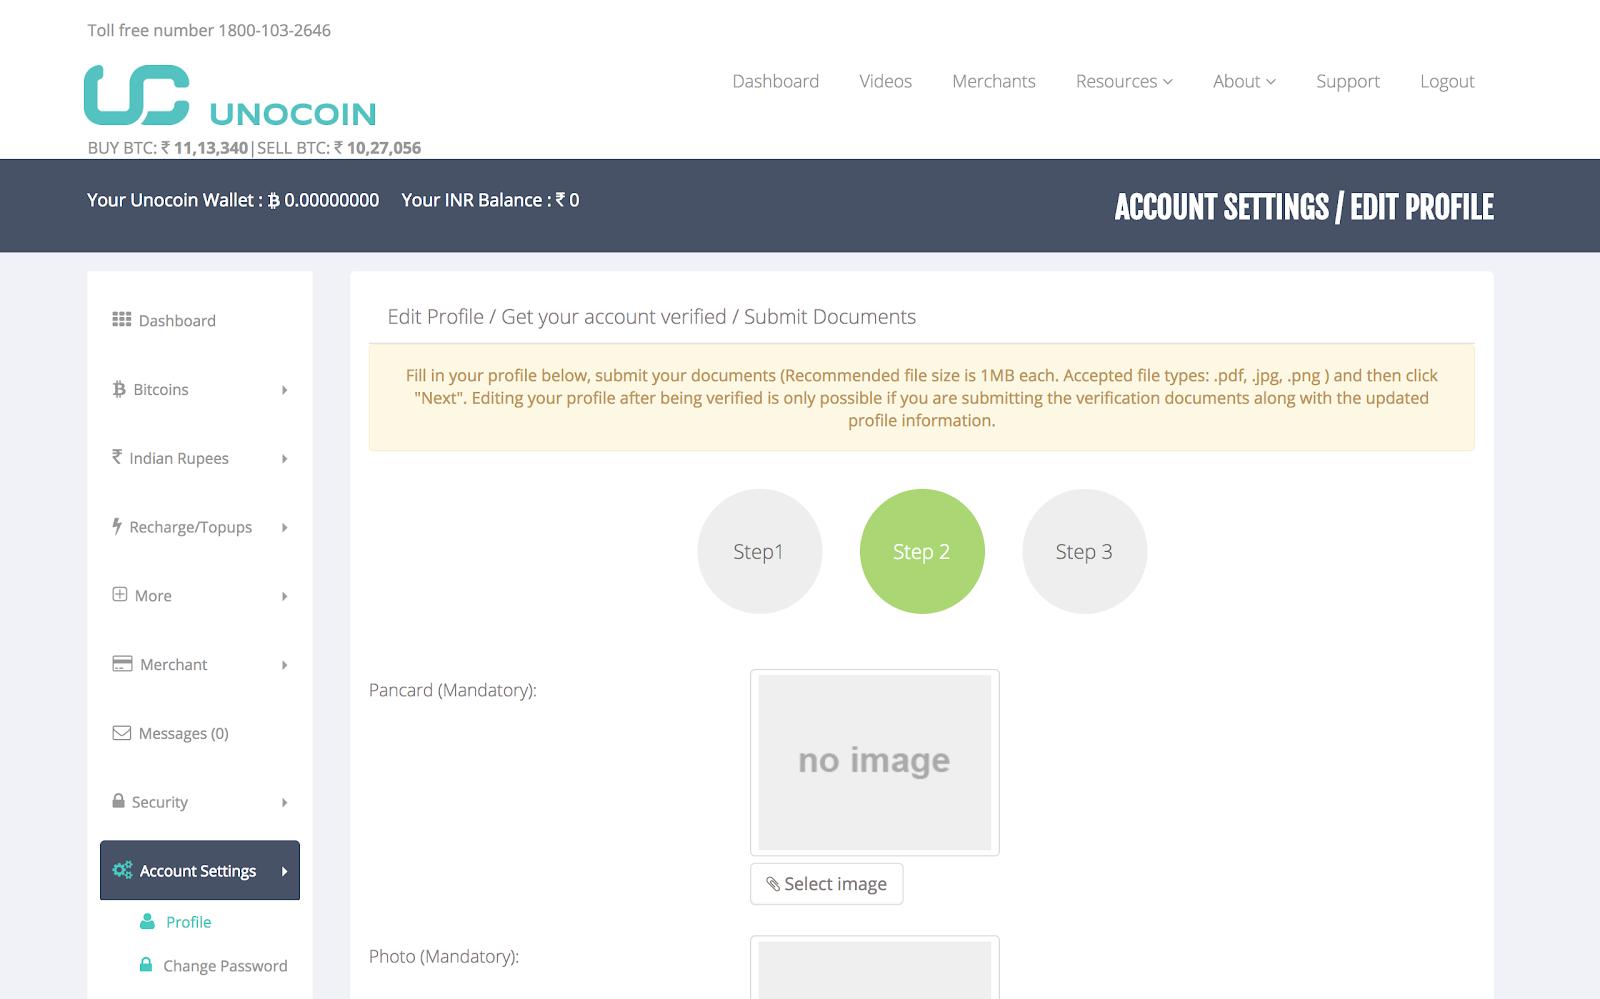 How to trade bitcoin using unocoin indias leading bitcoin company how to trade bitcoin using unocoin indias leading bitcoin company ccuart Images